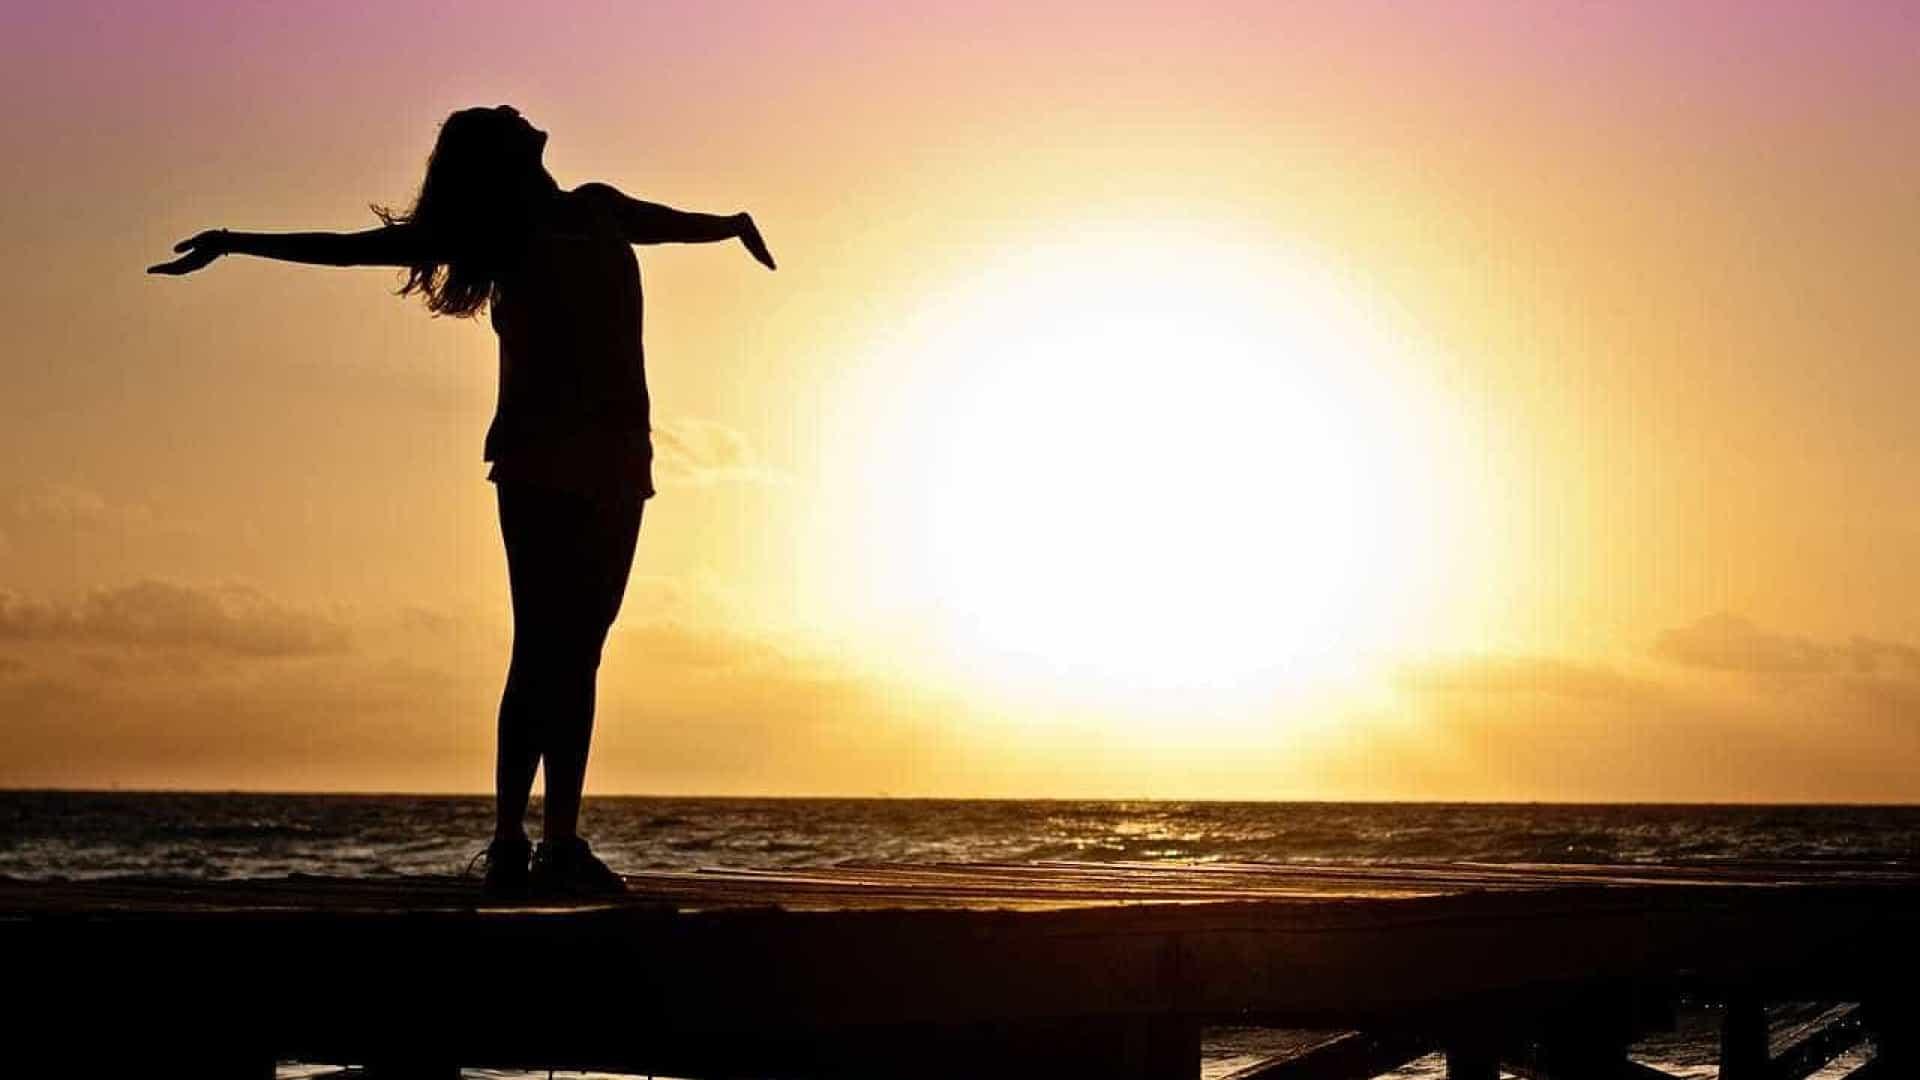 A cura da alma existe ? Em um turbilhão de transtornos psicológicos busque uma saída